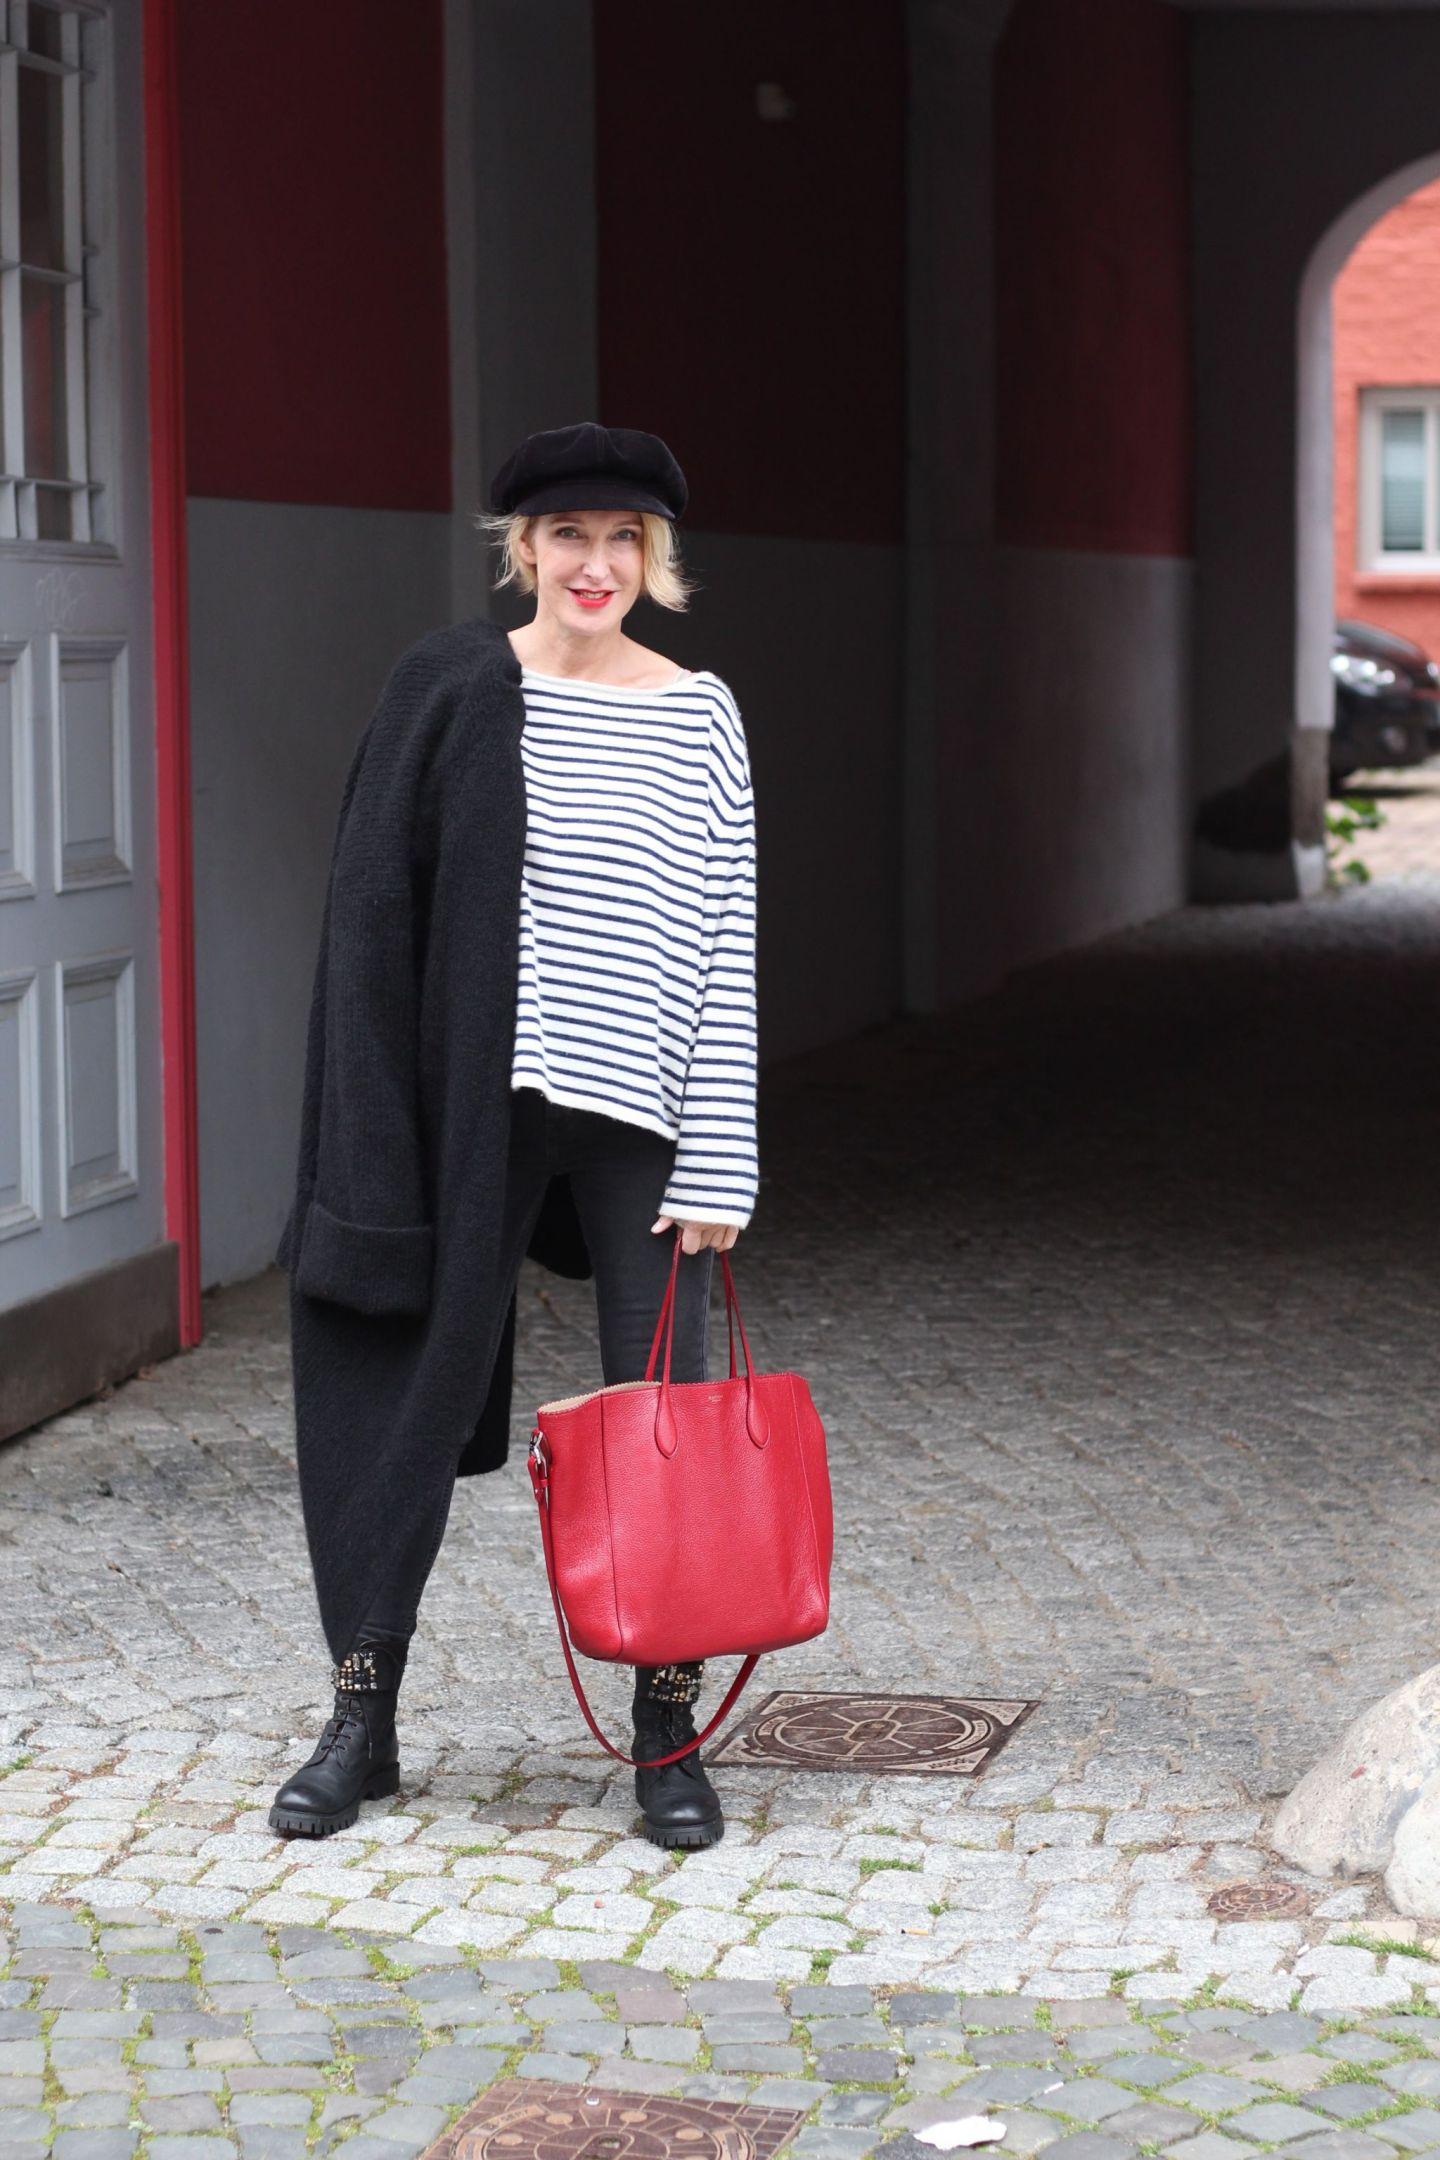 glamupyourlifestyle ue40-blog ue40-mode victoria-beckham Ringelpullover neyo-fashion rote-tasche kleidungsstil-ue40